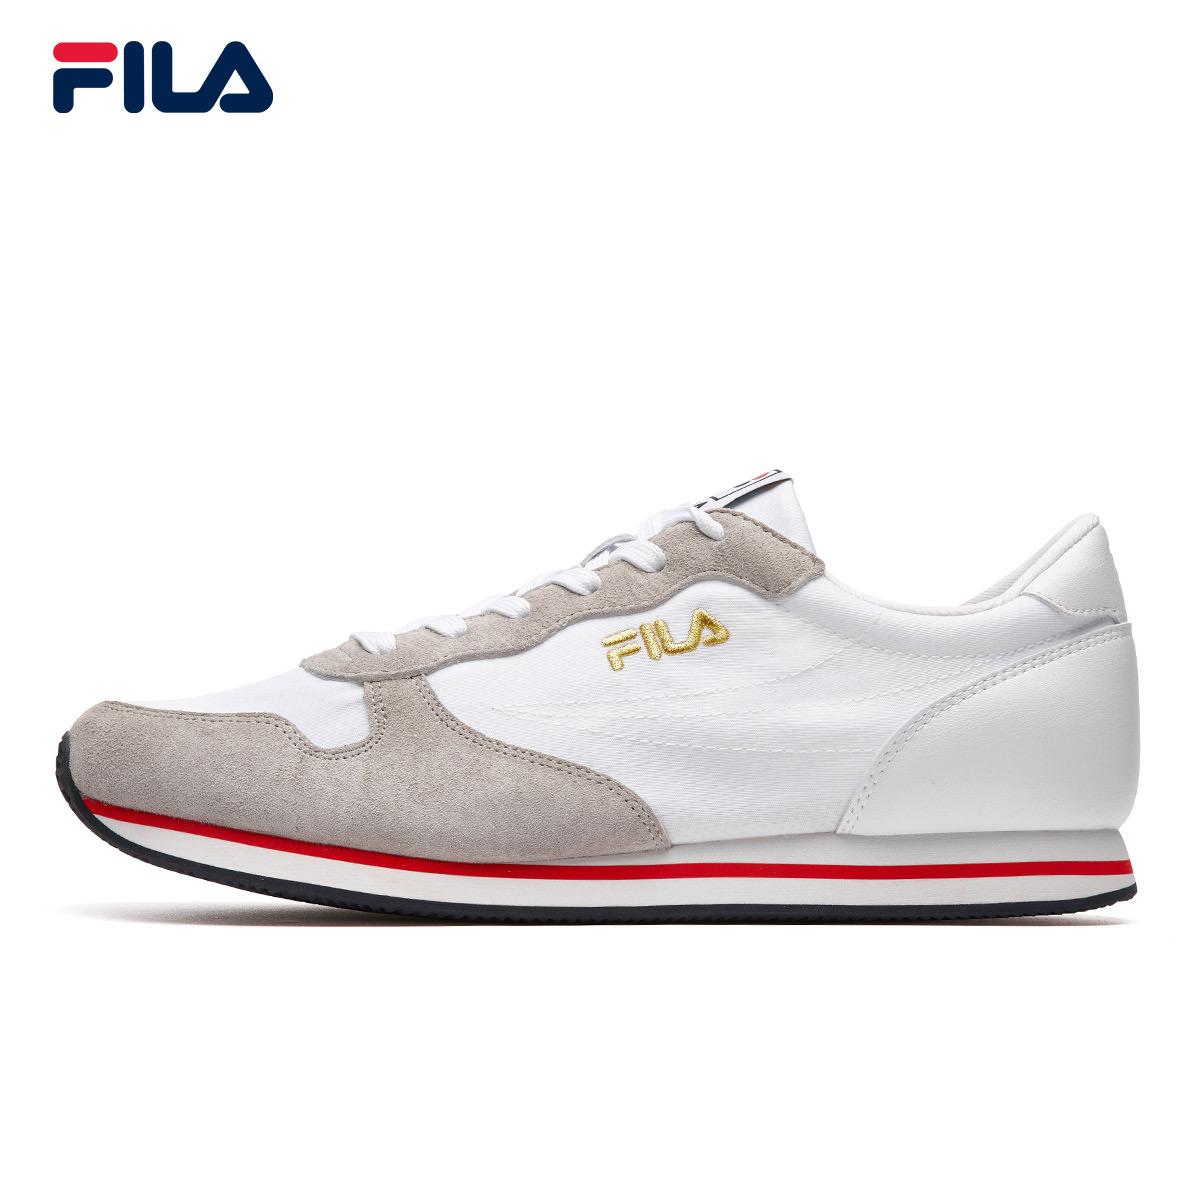 FILA斐乐男鞋跑步鞋2018秋季新品轻质透气运动休闲复古健步跑鞋男